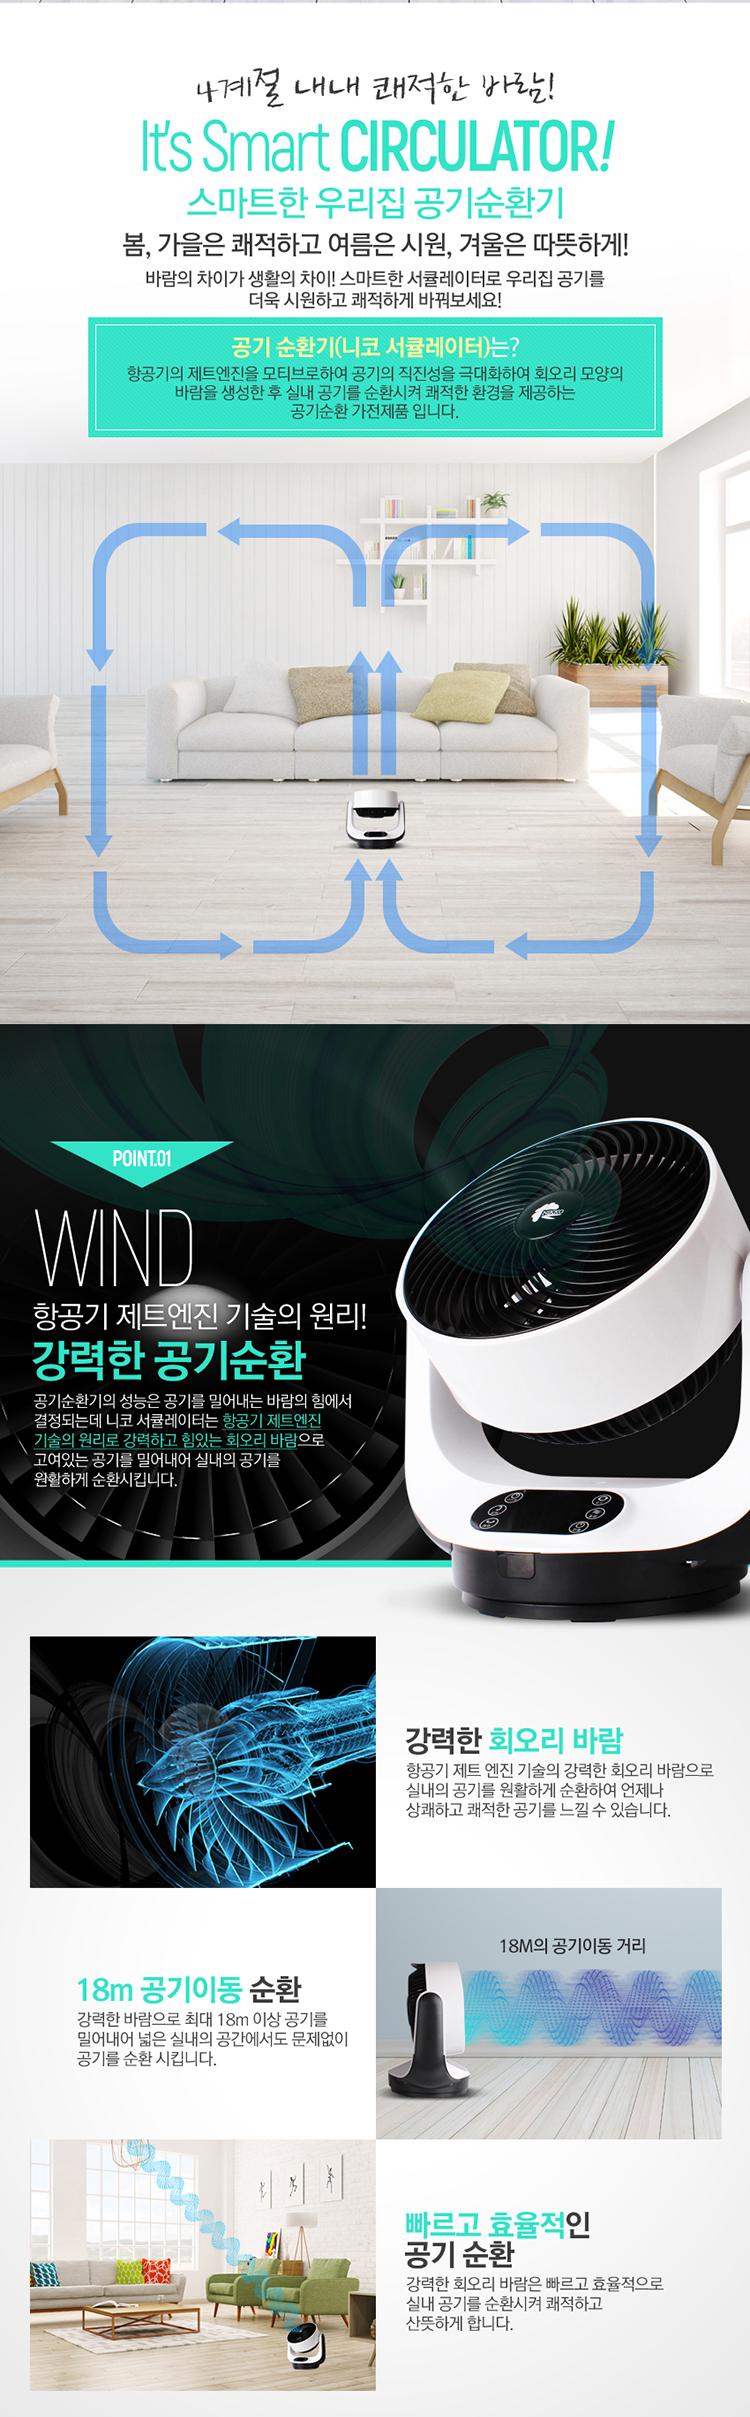 서큘레이터,공기순환기,에어순환기,에어컨보조선풍기,4계절공기순환기,토네이도선풍기,터보선풍기